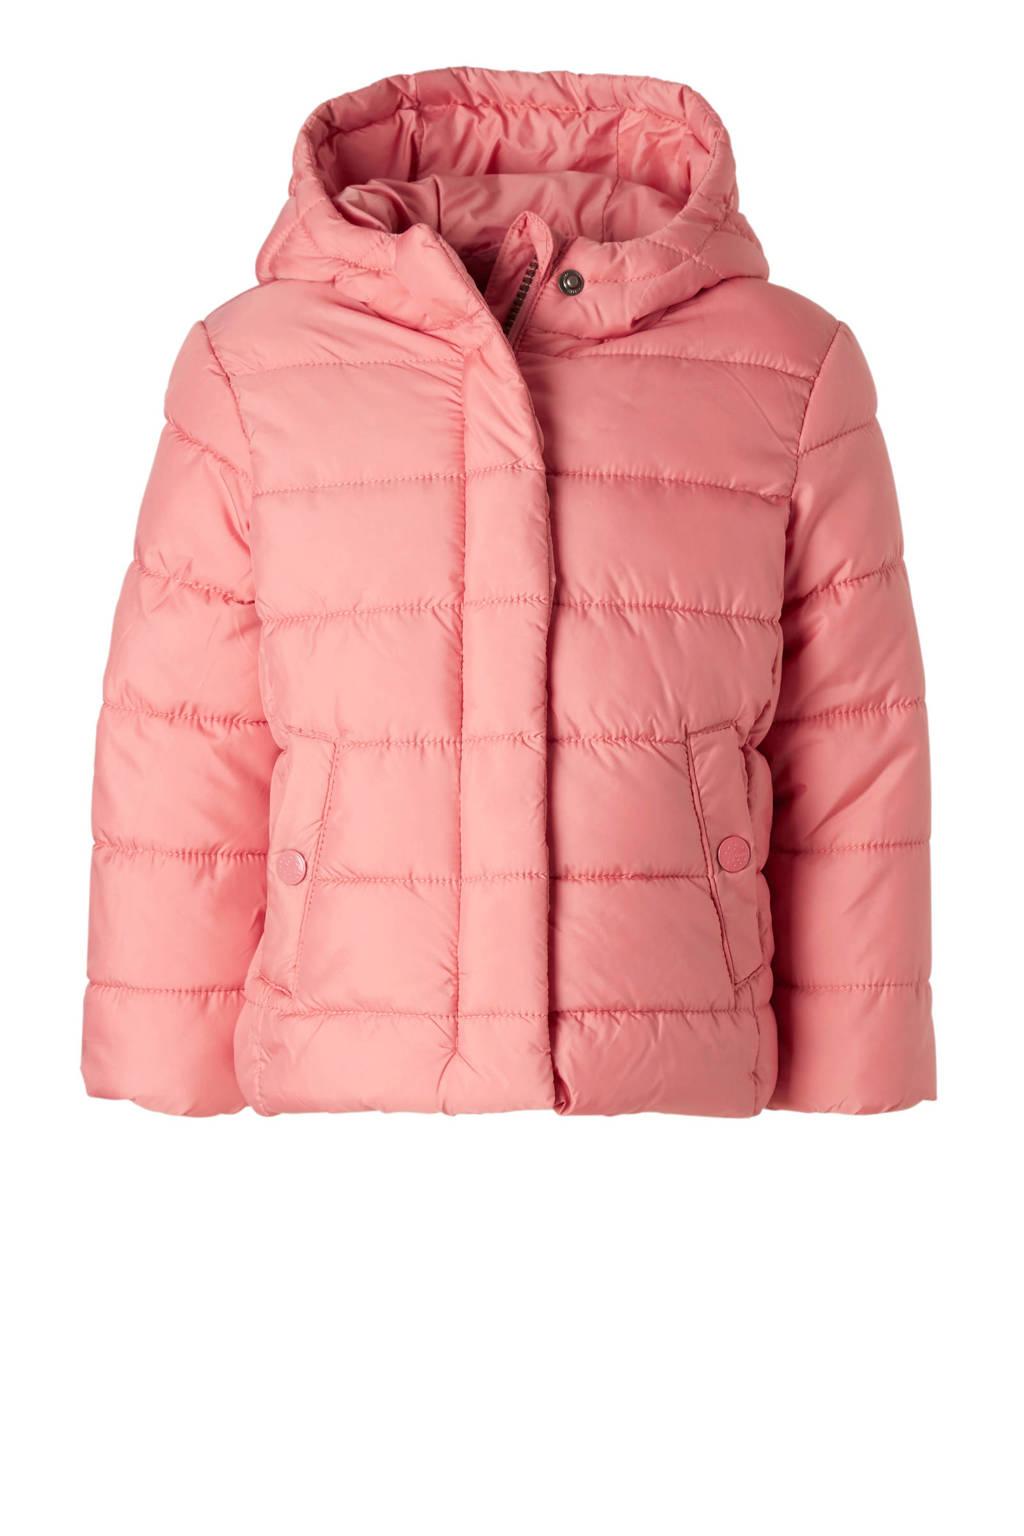 C&A Palomino gewatteerde winterjas roze, Roze